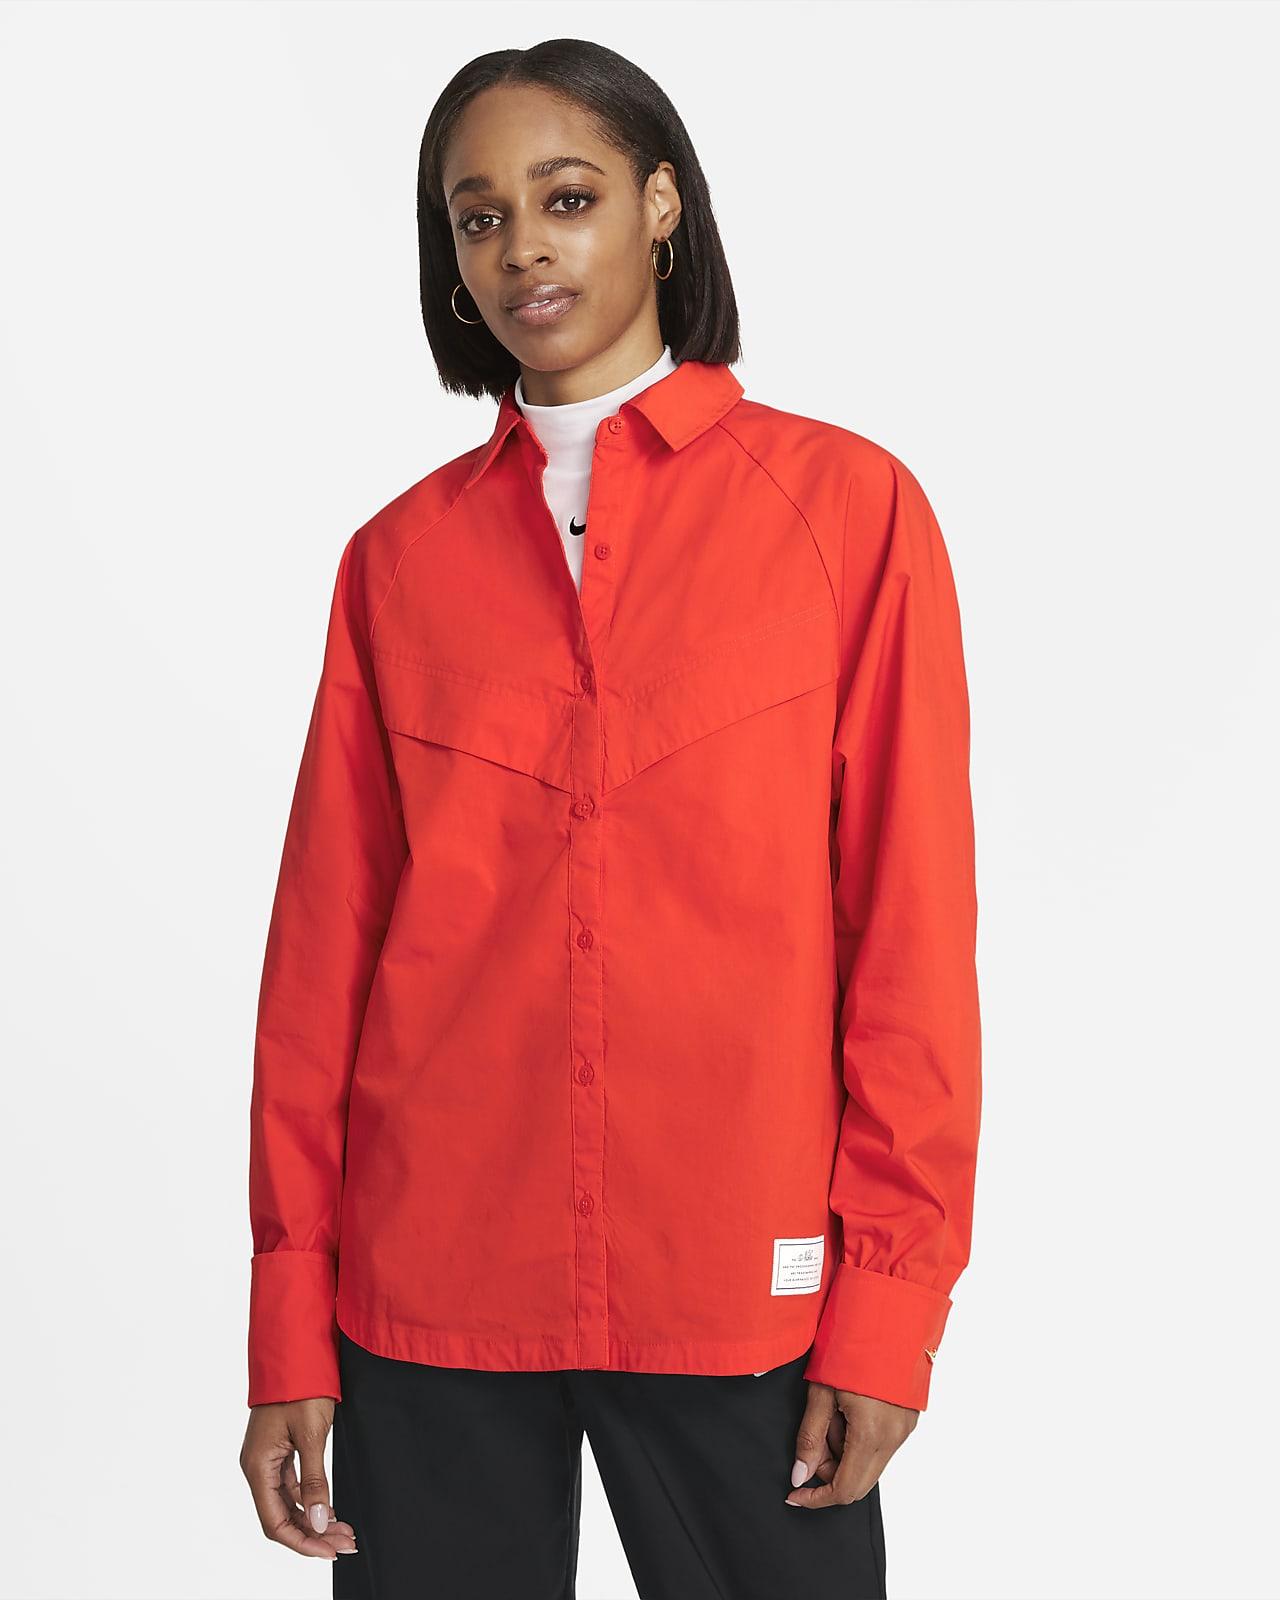 Nike Sportswear Icon Clash Women's Long-Sleeve Top